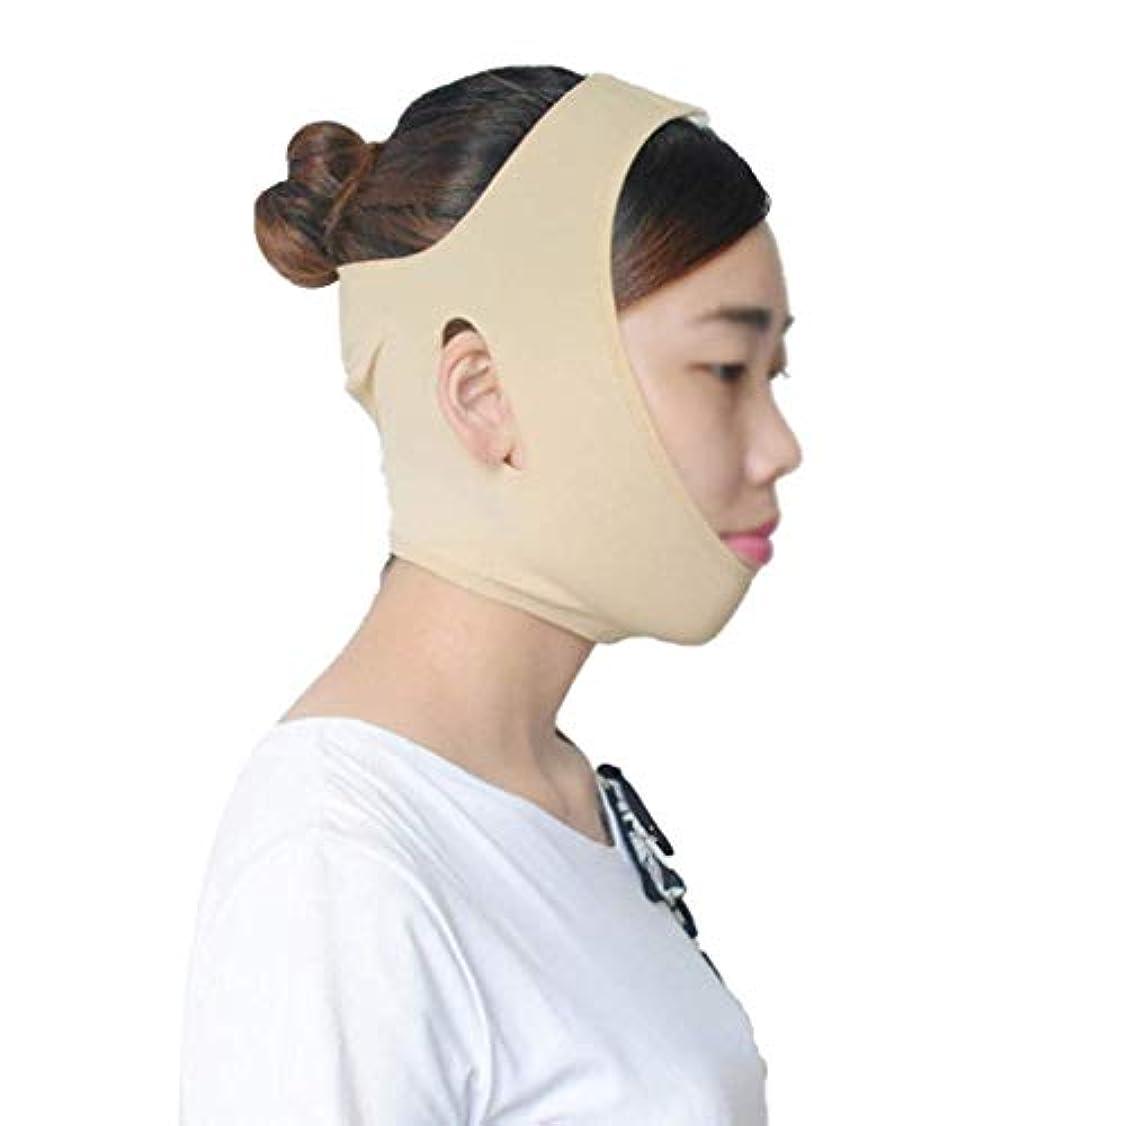 提案する豊富配るファーミングフェイスマスク、フェイスリフトマスクパワフルフェイスリフティングツールフェイスビューティフェイスリフティングフェイスマスクファーミングリフティングフェイスリフティングフェイスリフティングフェイスリフティング包帯...